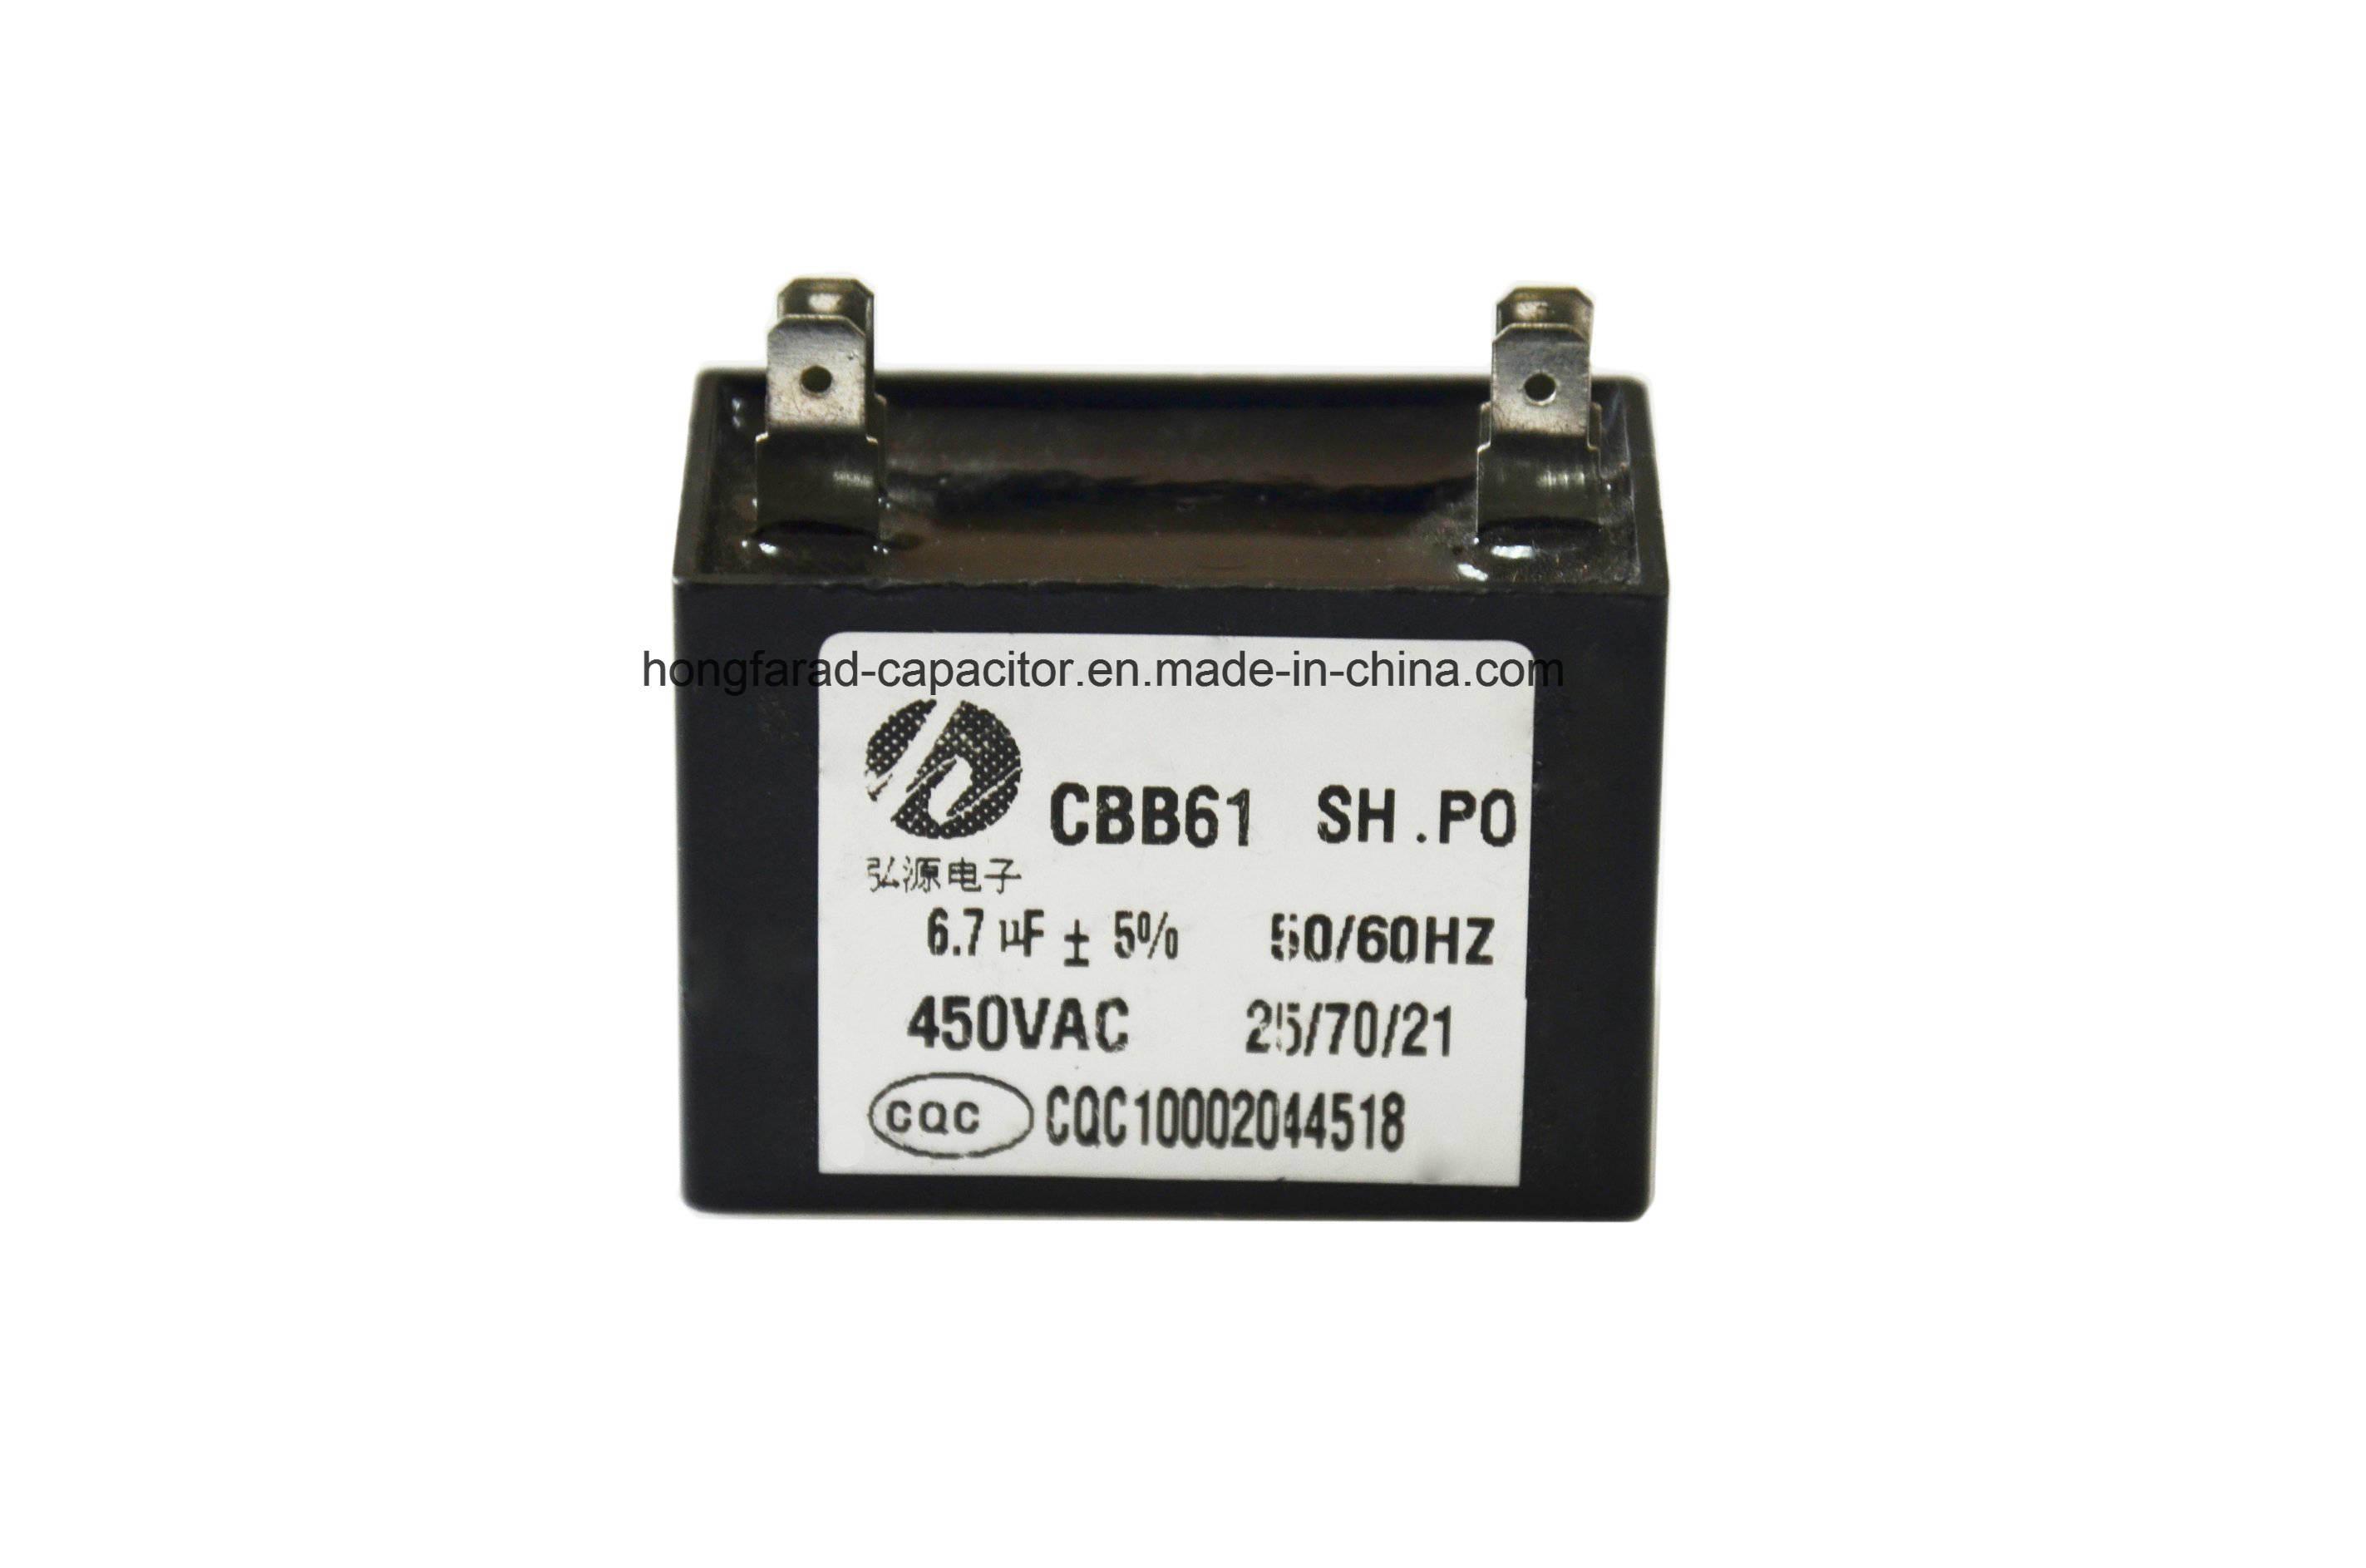 Good Quality M61 Cbb61 AC Motor Capacitor 470V, 50Hz 60Hz,